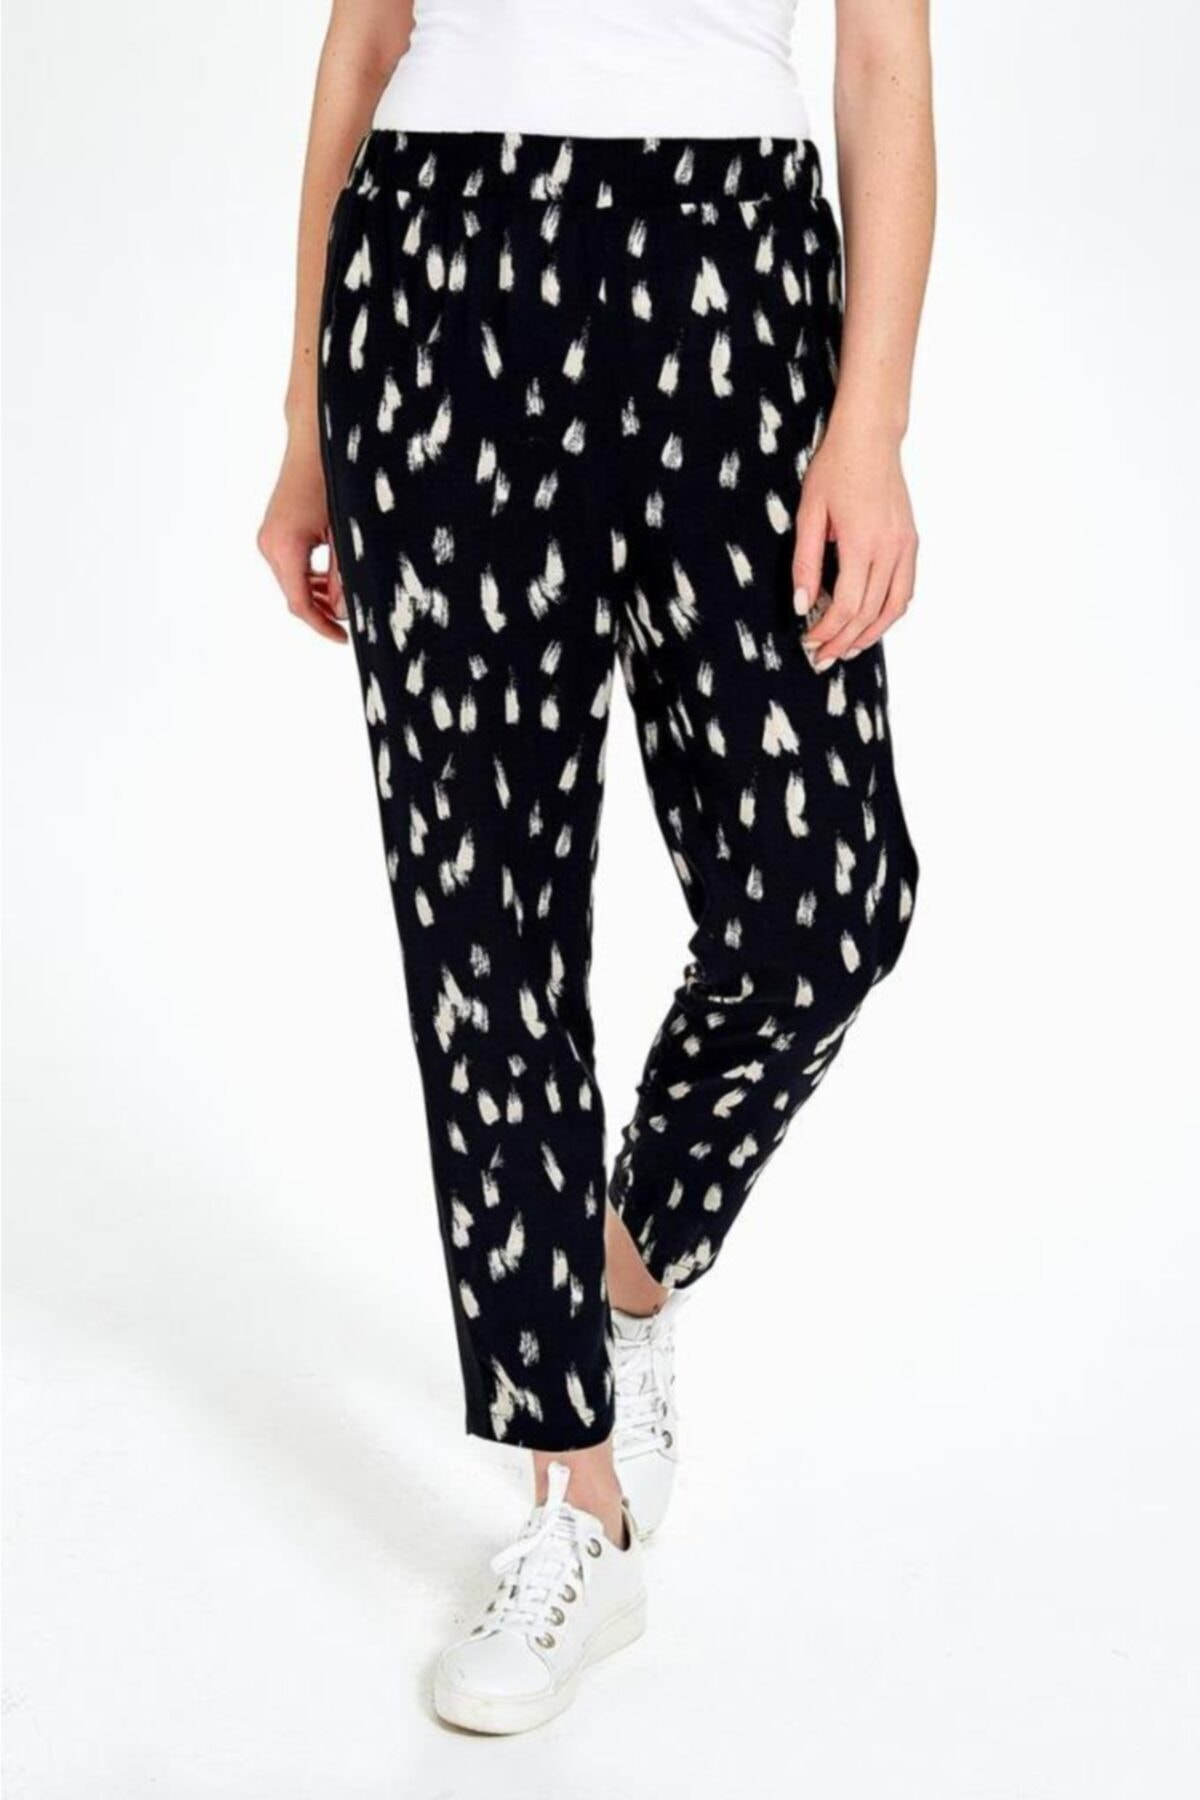 İkiler Kadın Siyah Yanları Triko Bantlı Desenli Pantolon 190-3504-01